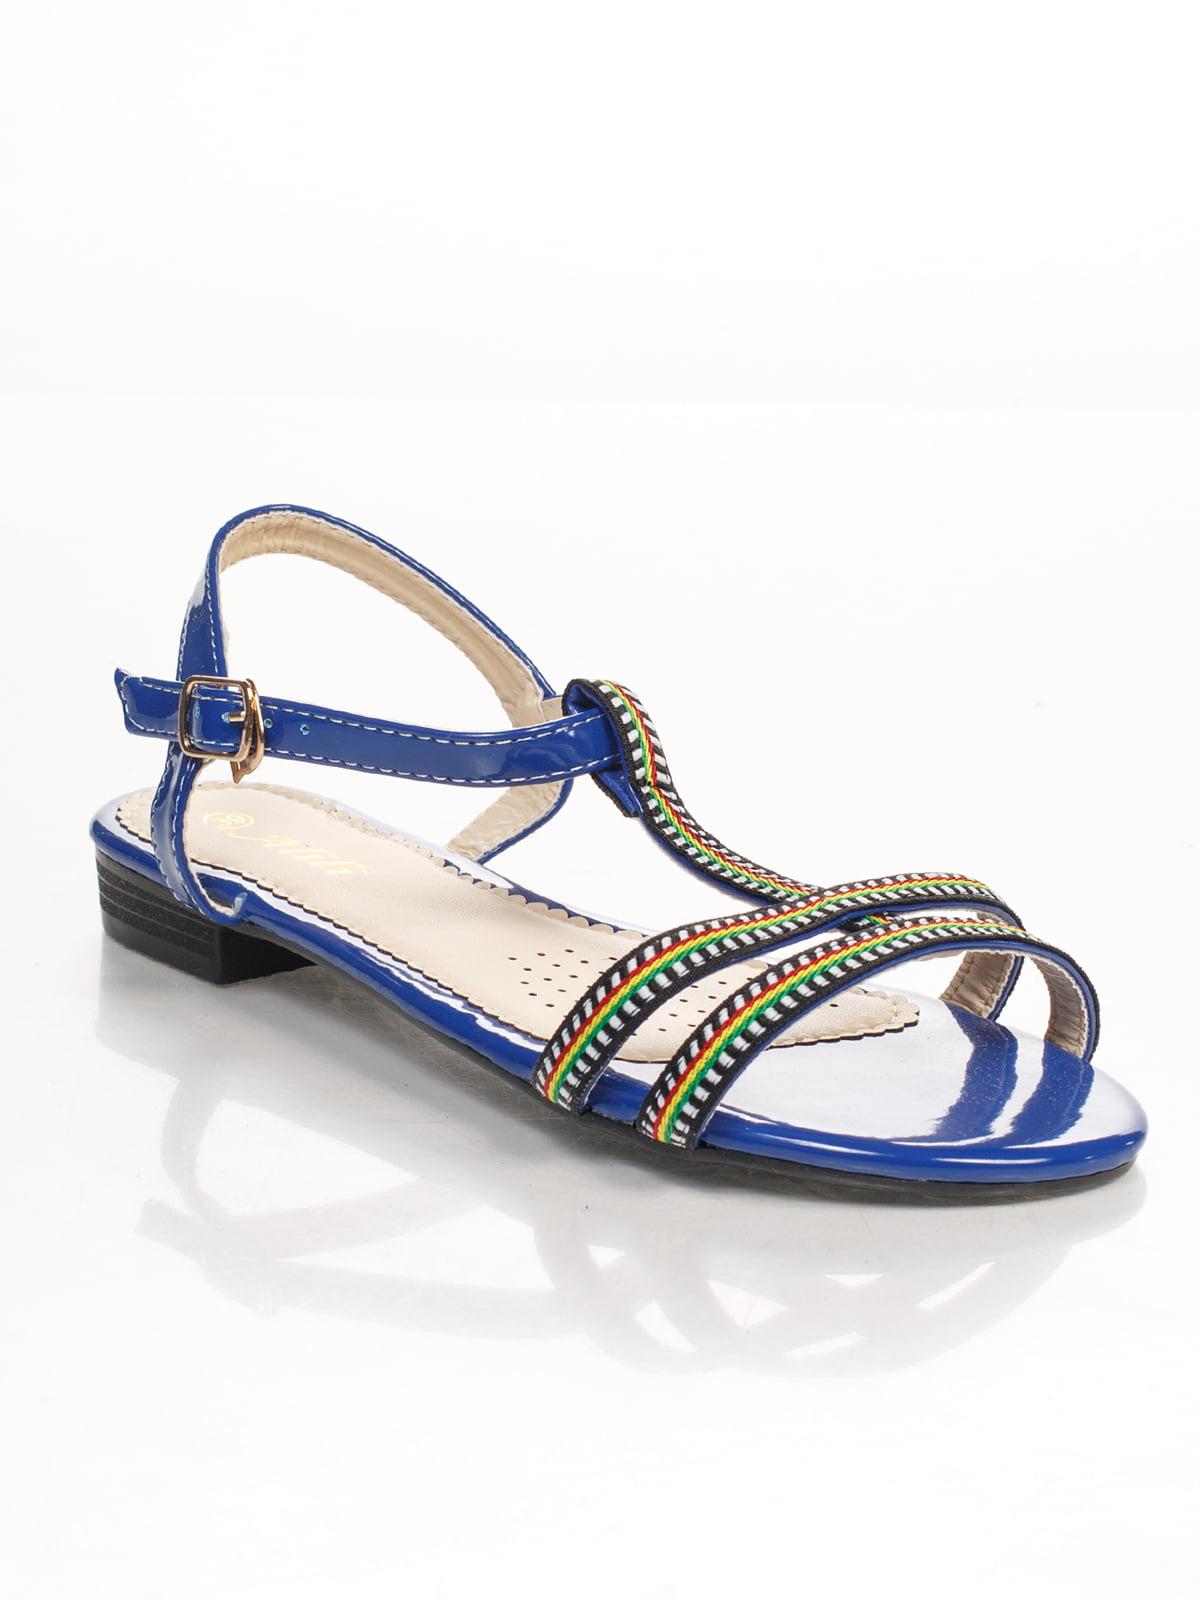 Сандалии синие с вышивкой | 4605216